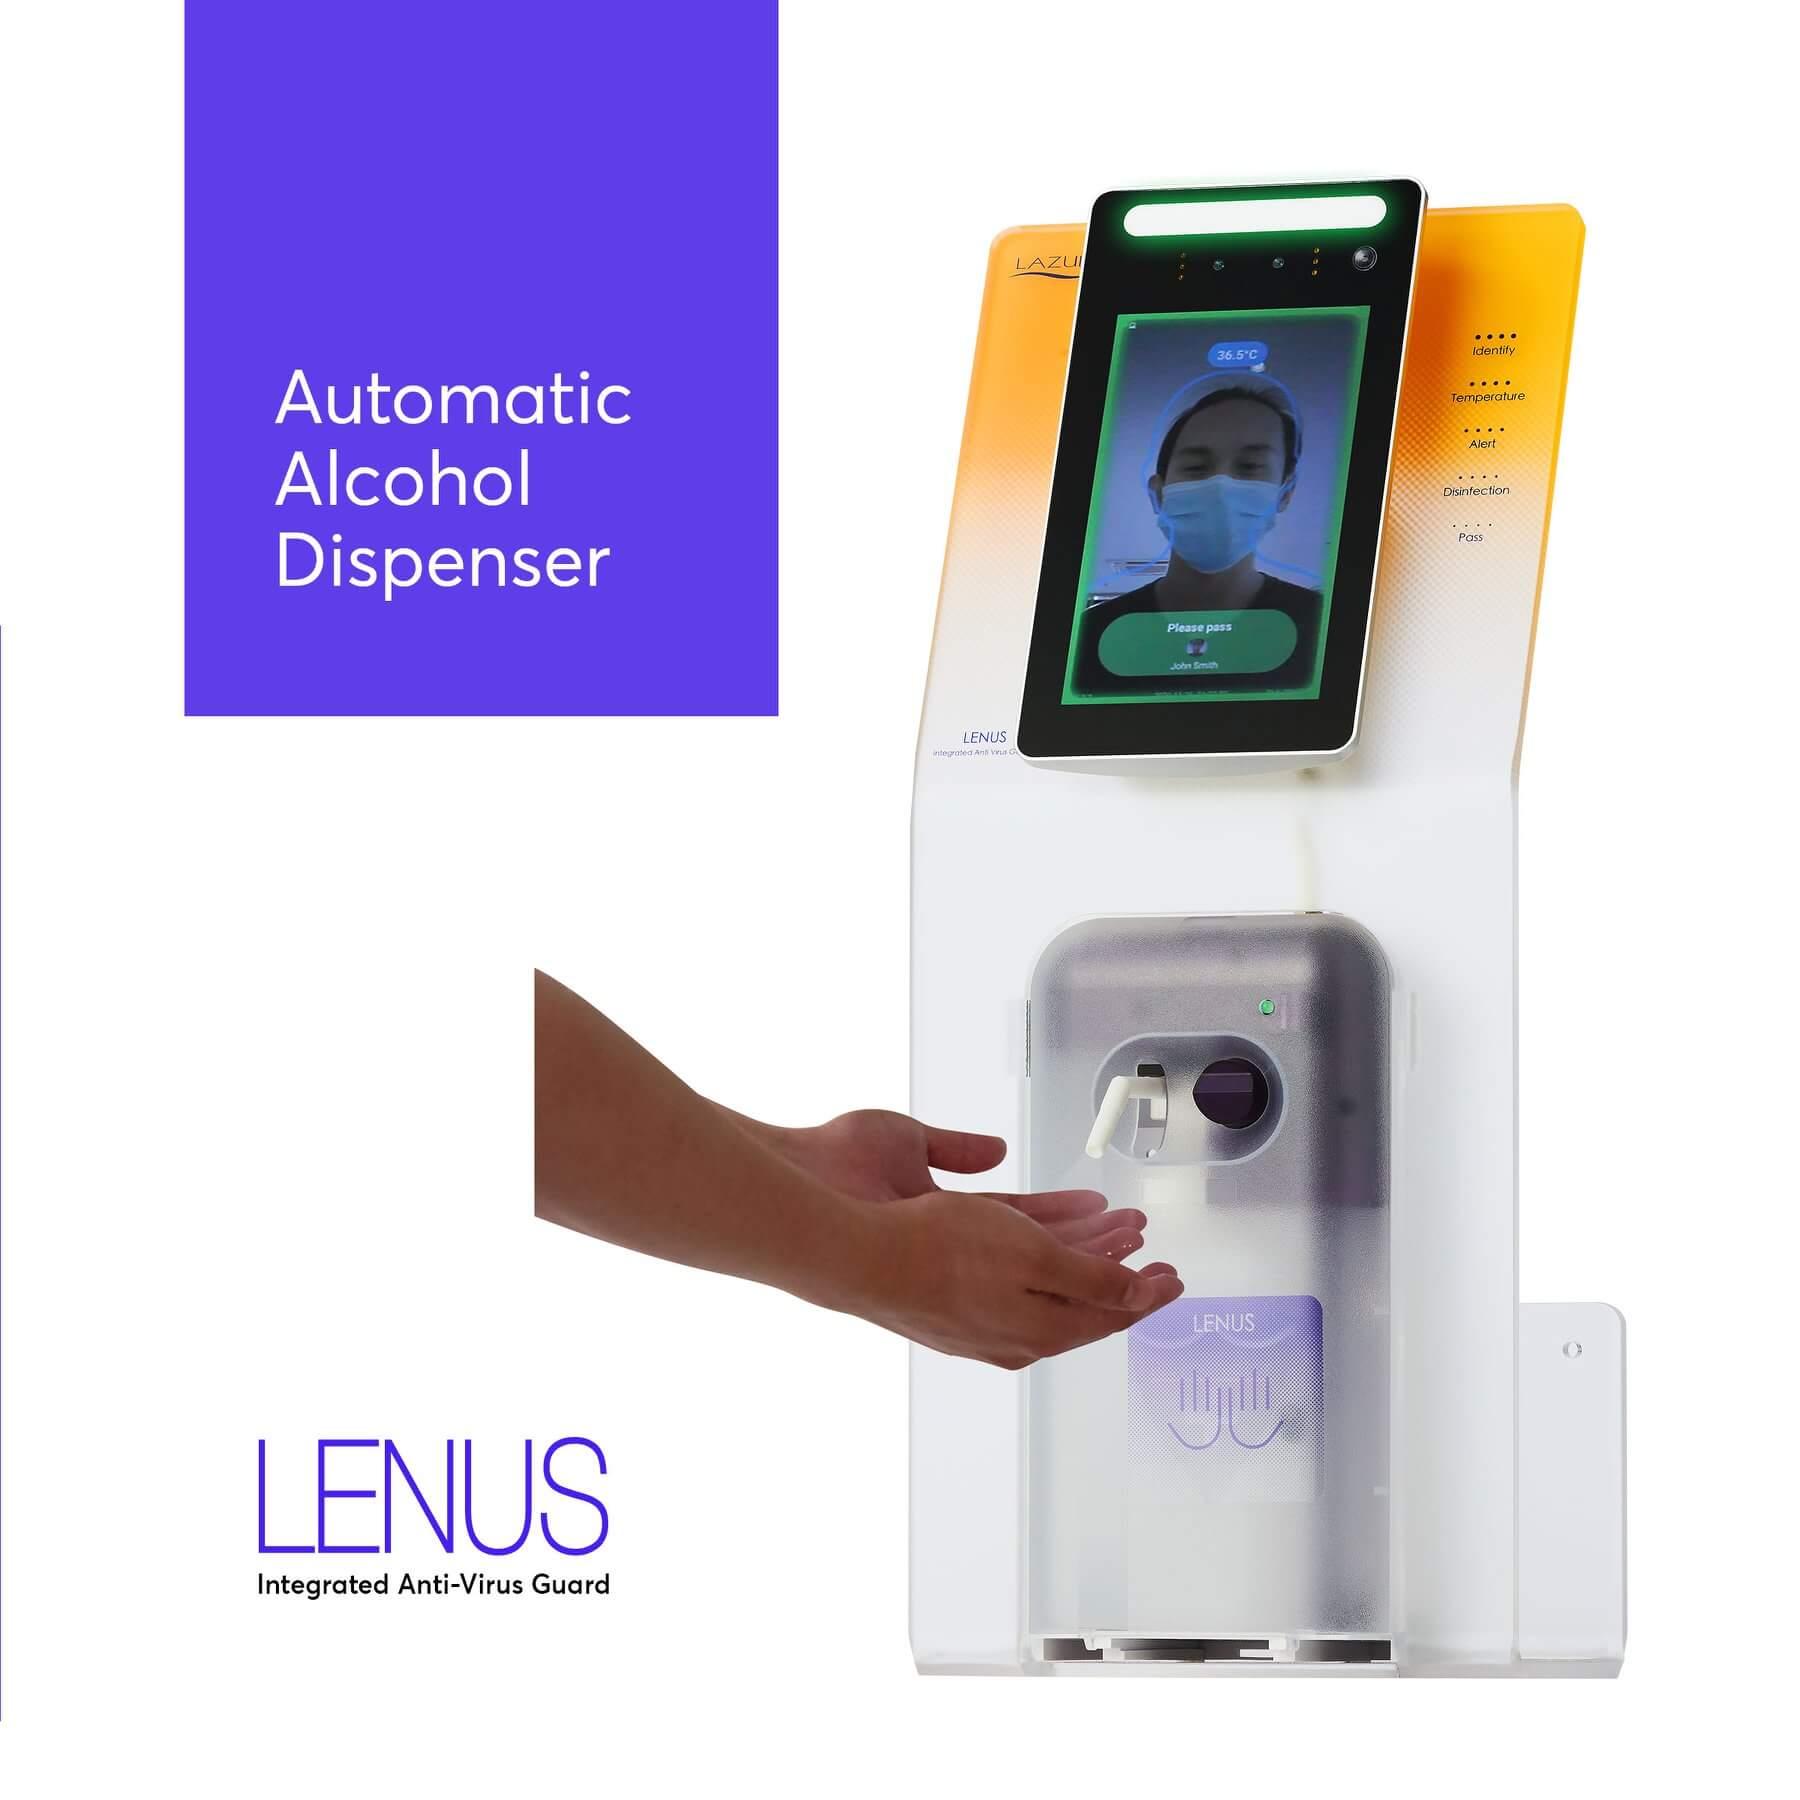 Lenus Alcohol dispenser